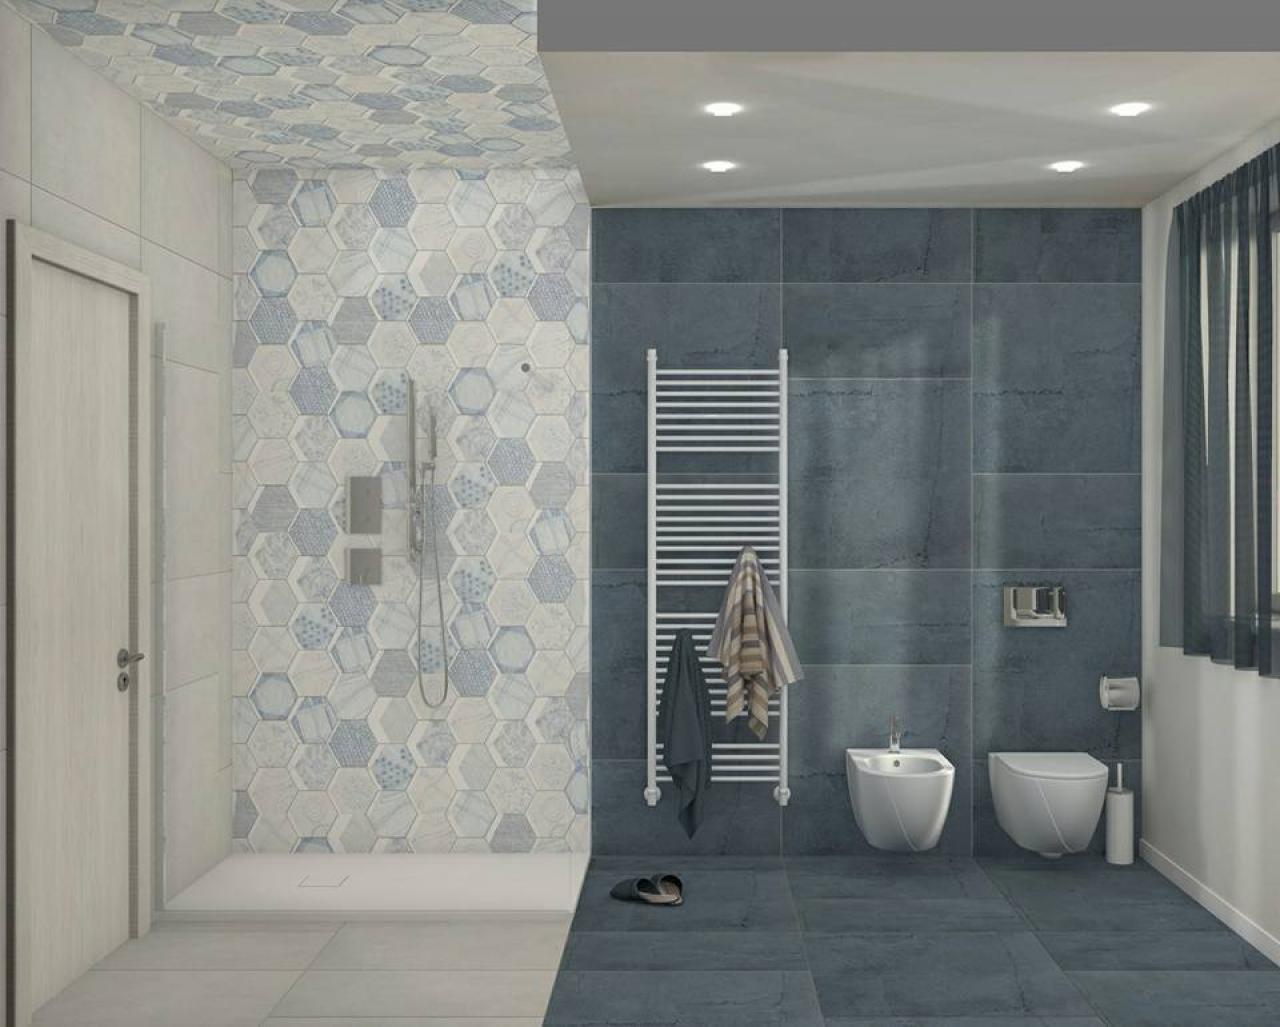 Bagno bianco e blu lo stile mediterraneo fratelli for Arredamento stile mediterraneo